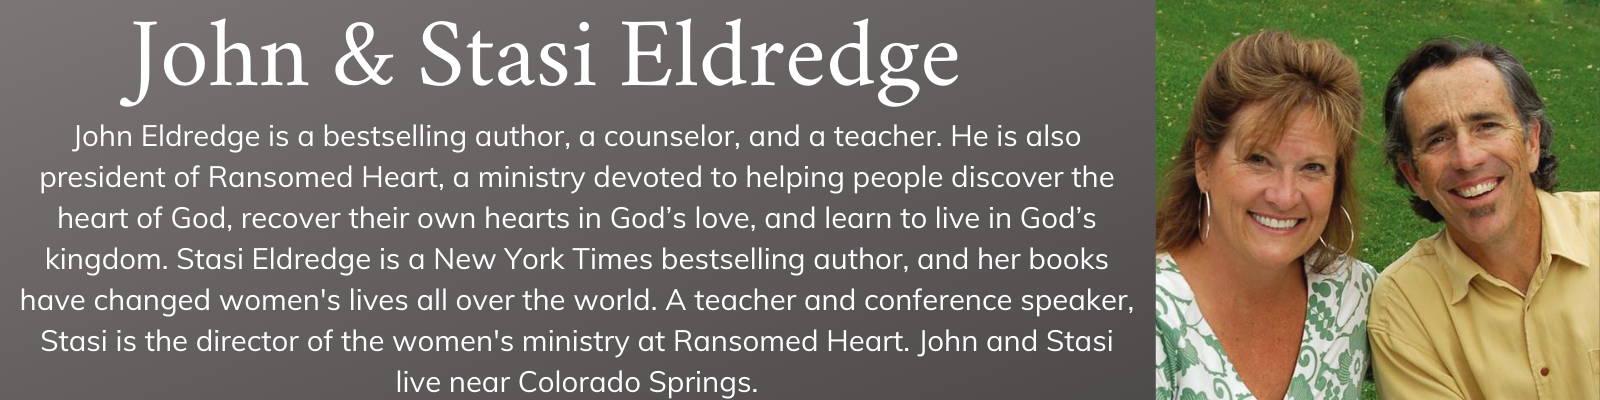 John & Stasi Eldredge